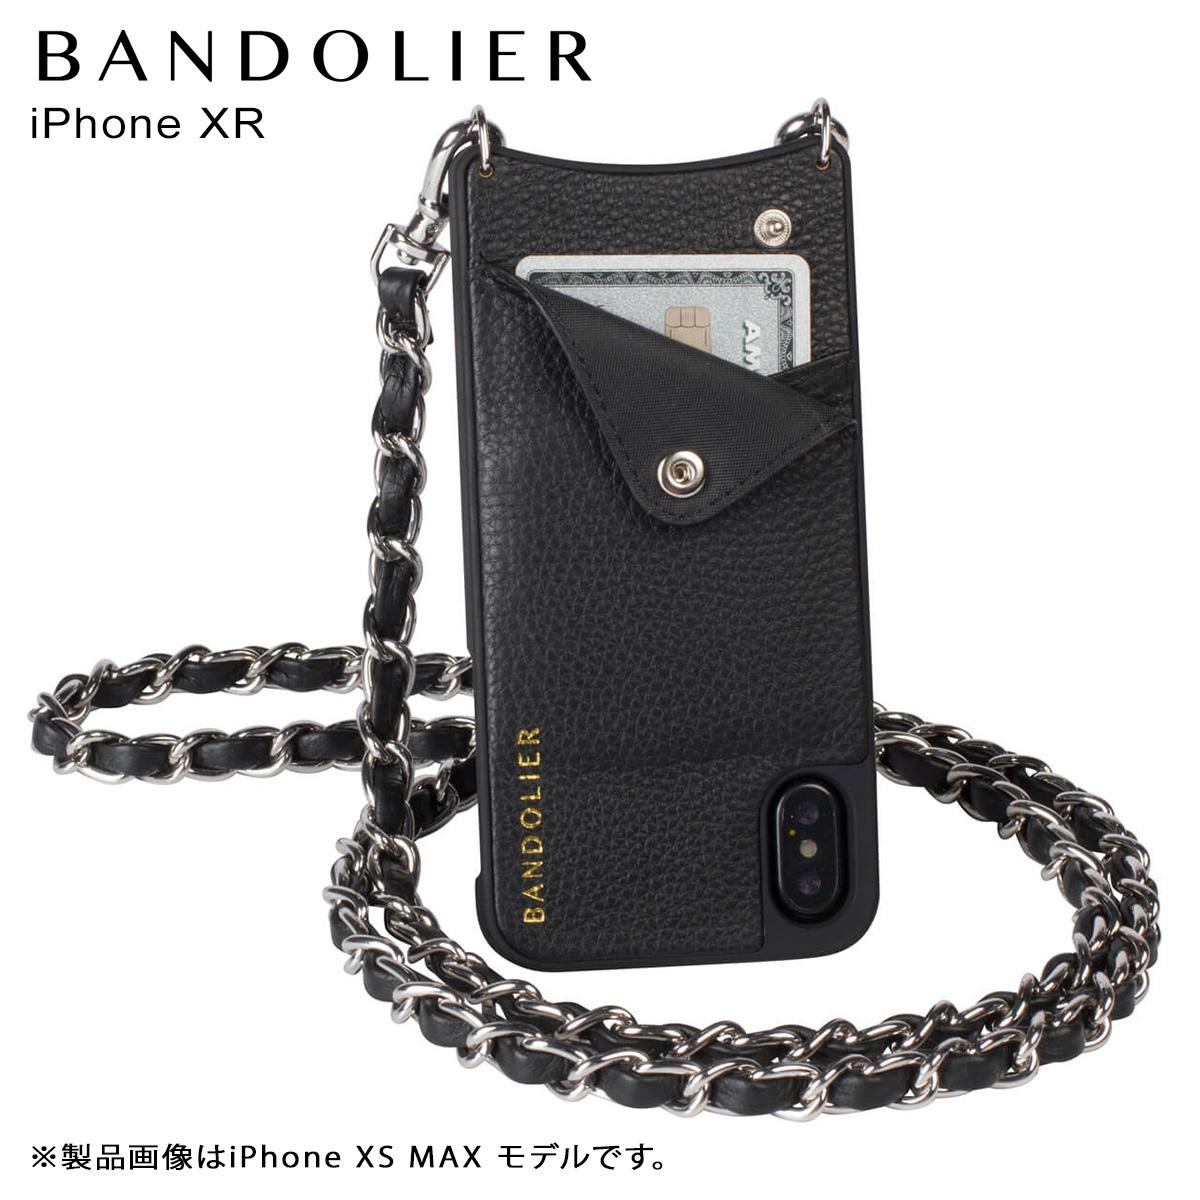 【最大2000円OFFクーポン】 BANDOLIER バンドリヤー iPhone XR ケース ショルダー スマホ アイフォン レザー LUCY SILVER メンズ レディース ブラック 10LCY1001